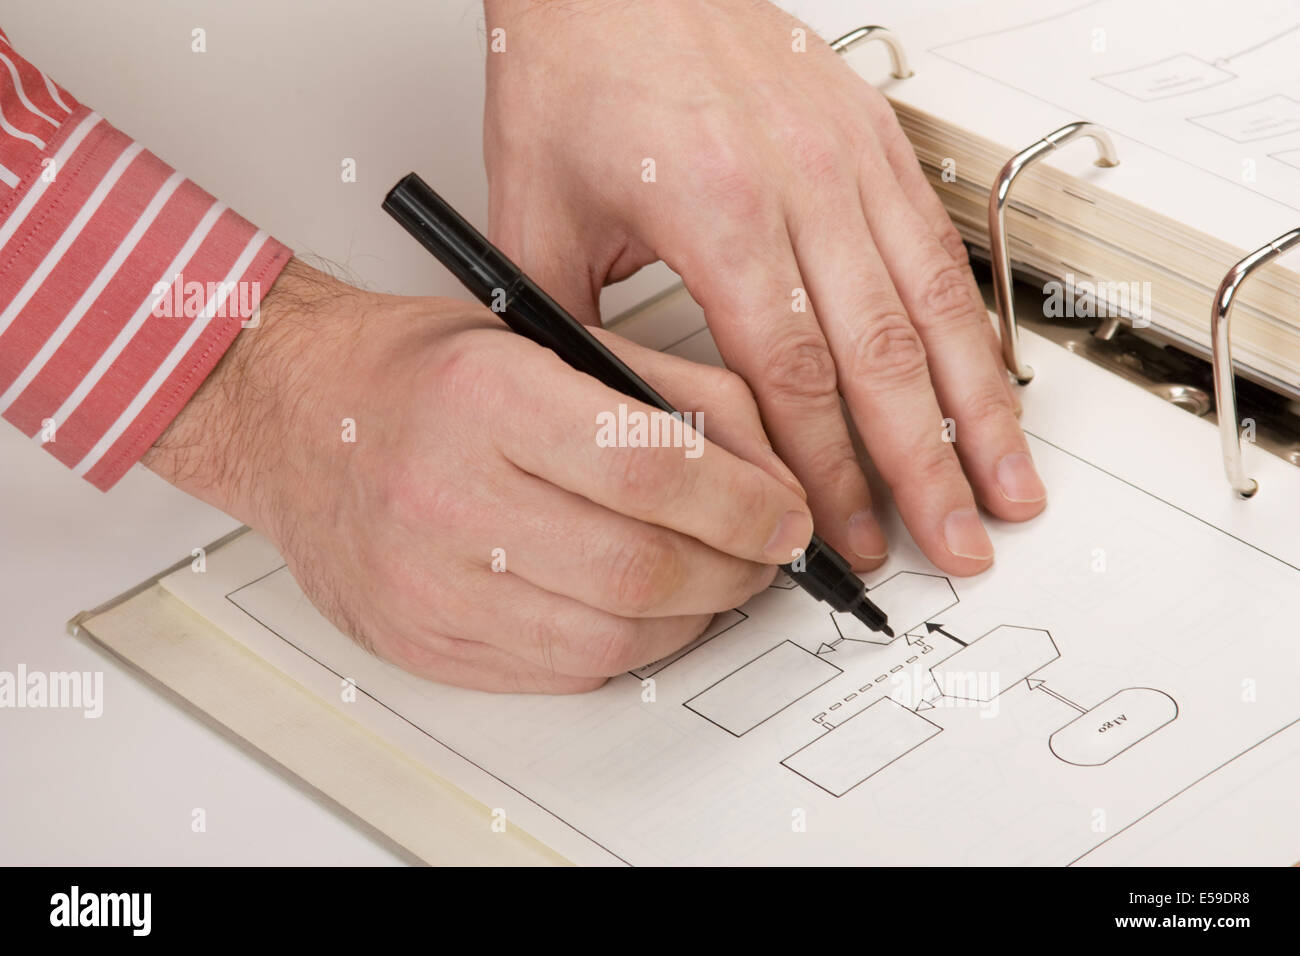 Fantastisch Technisches Zeichenwerkzeug Bilder - Elektrische ...